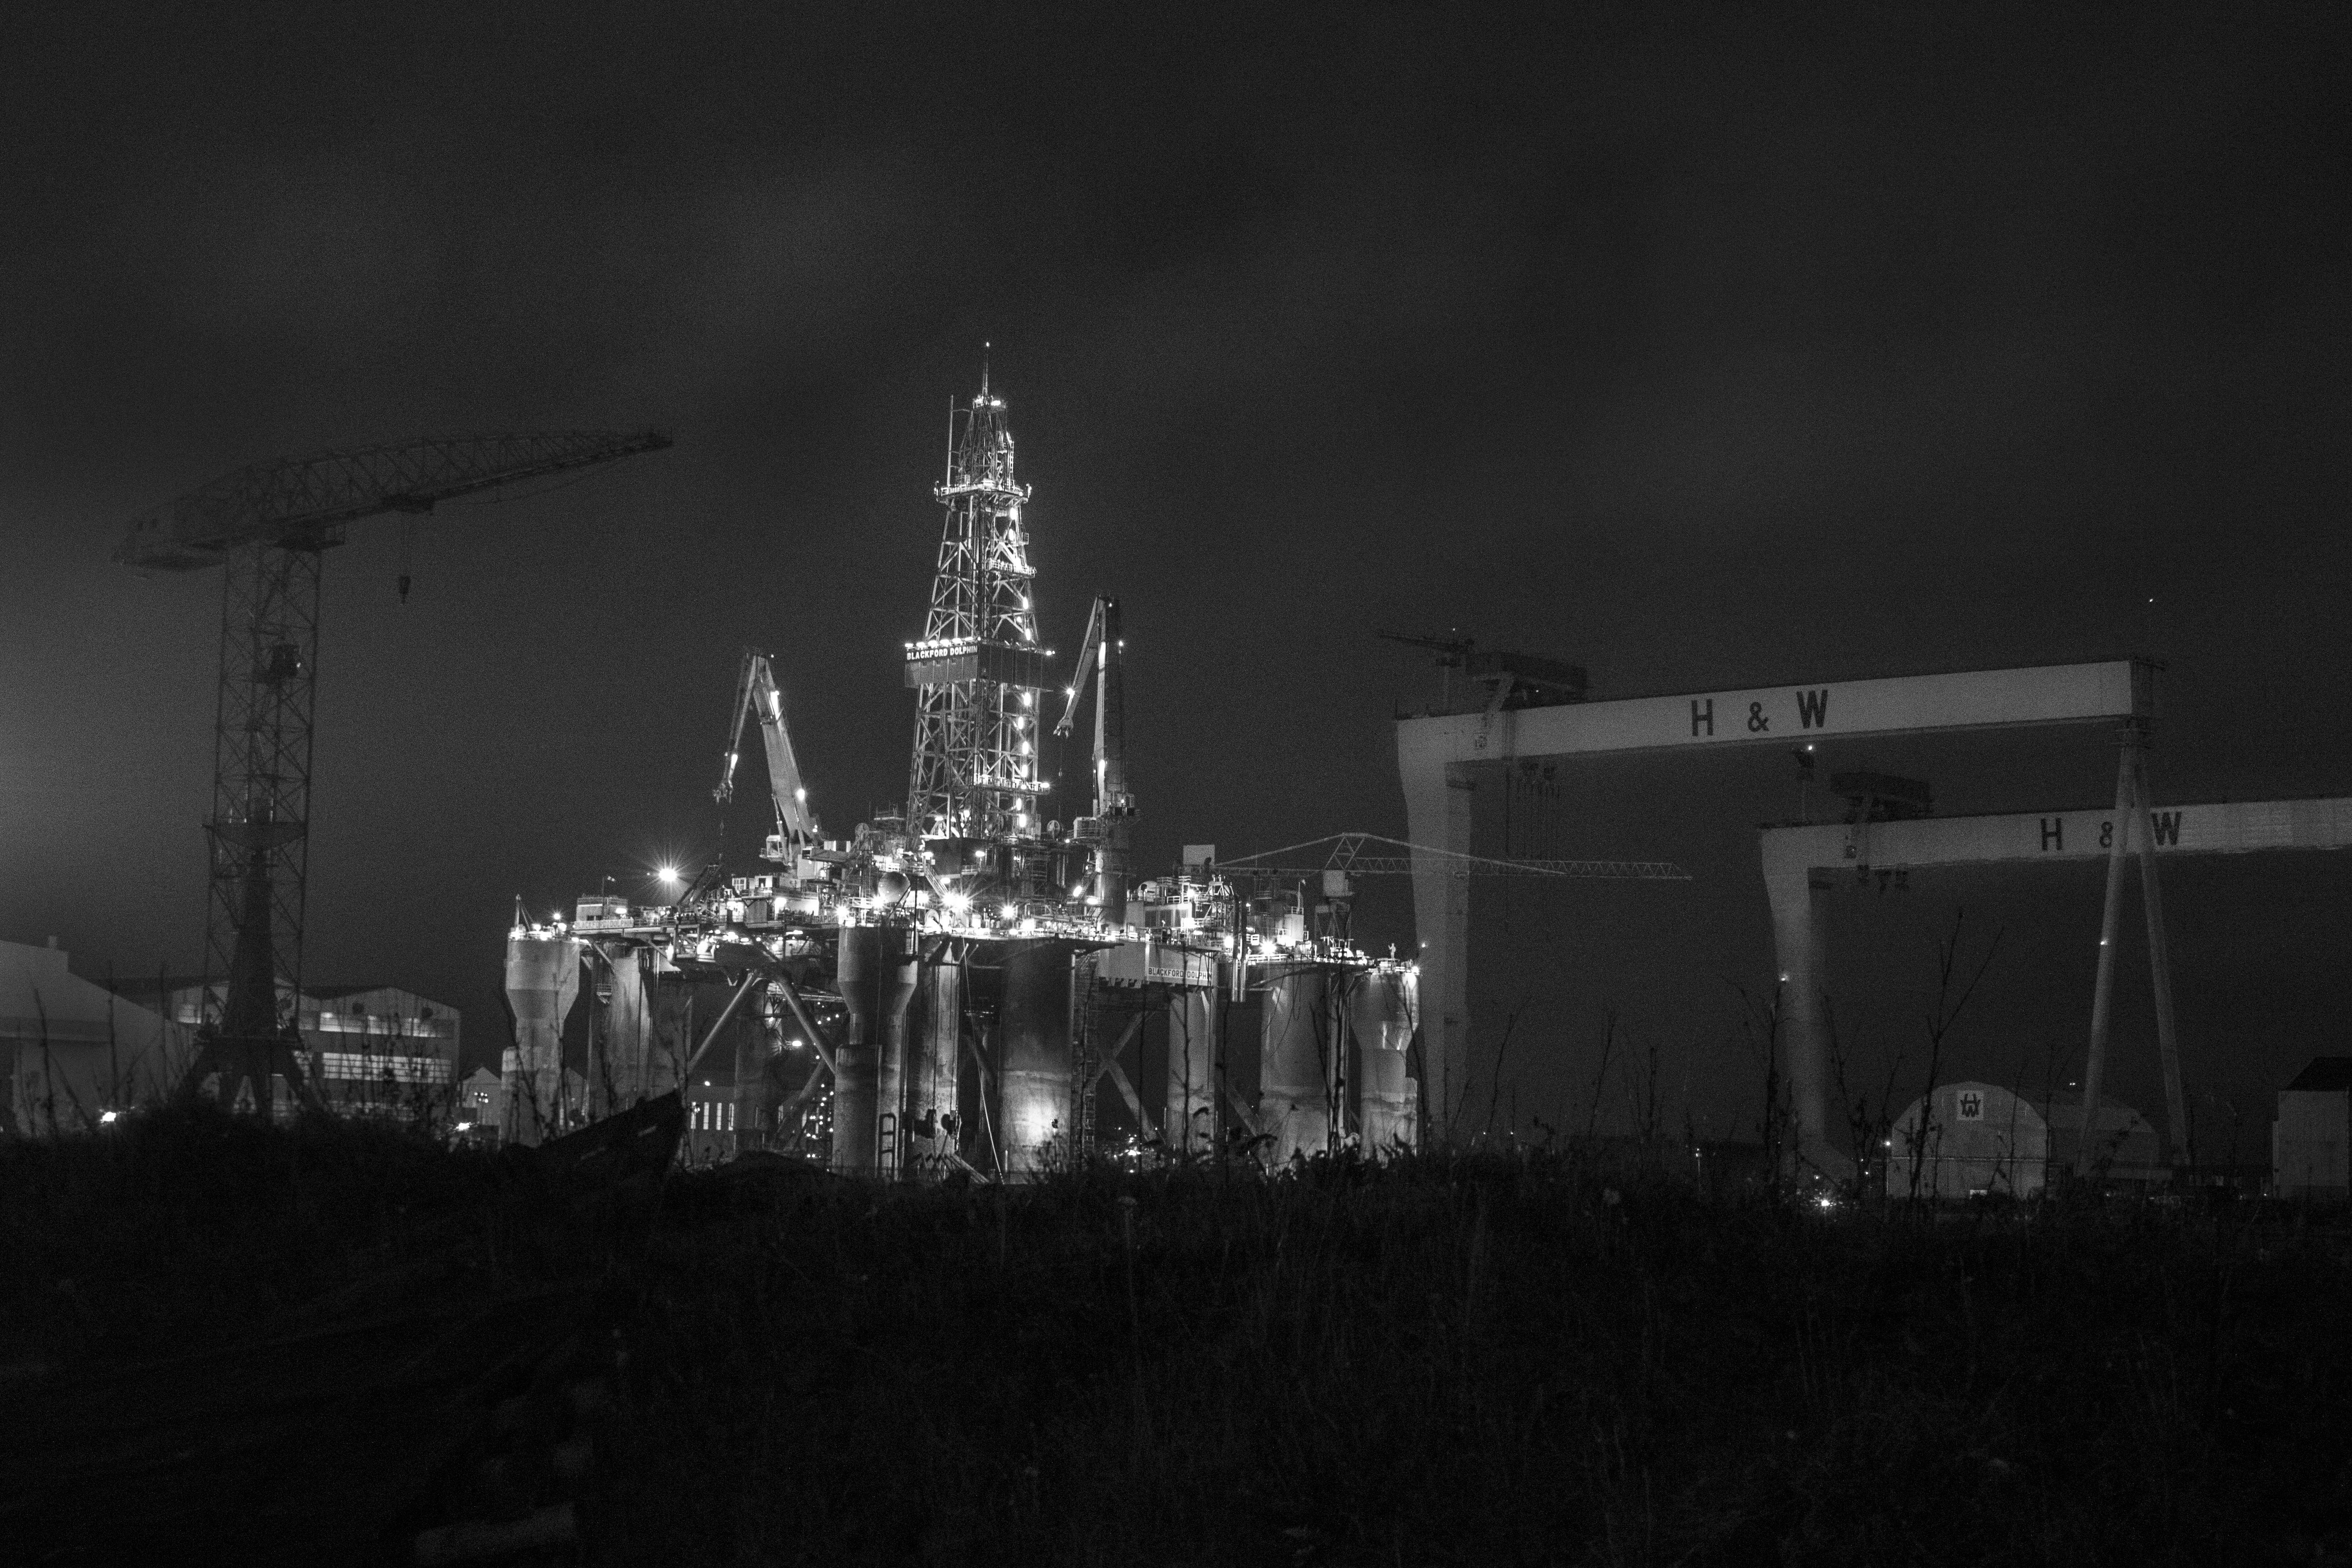 Fotos gratis : ligero, en blanco y negro, horizonte, noche, ciudad ...